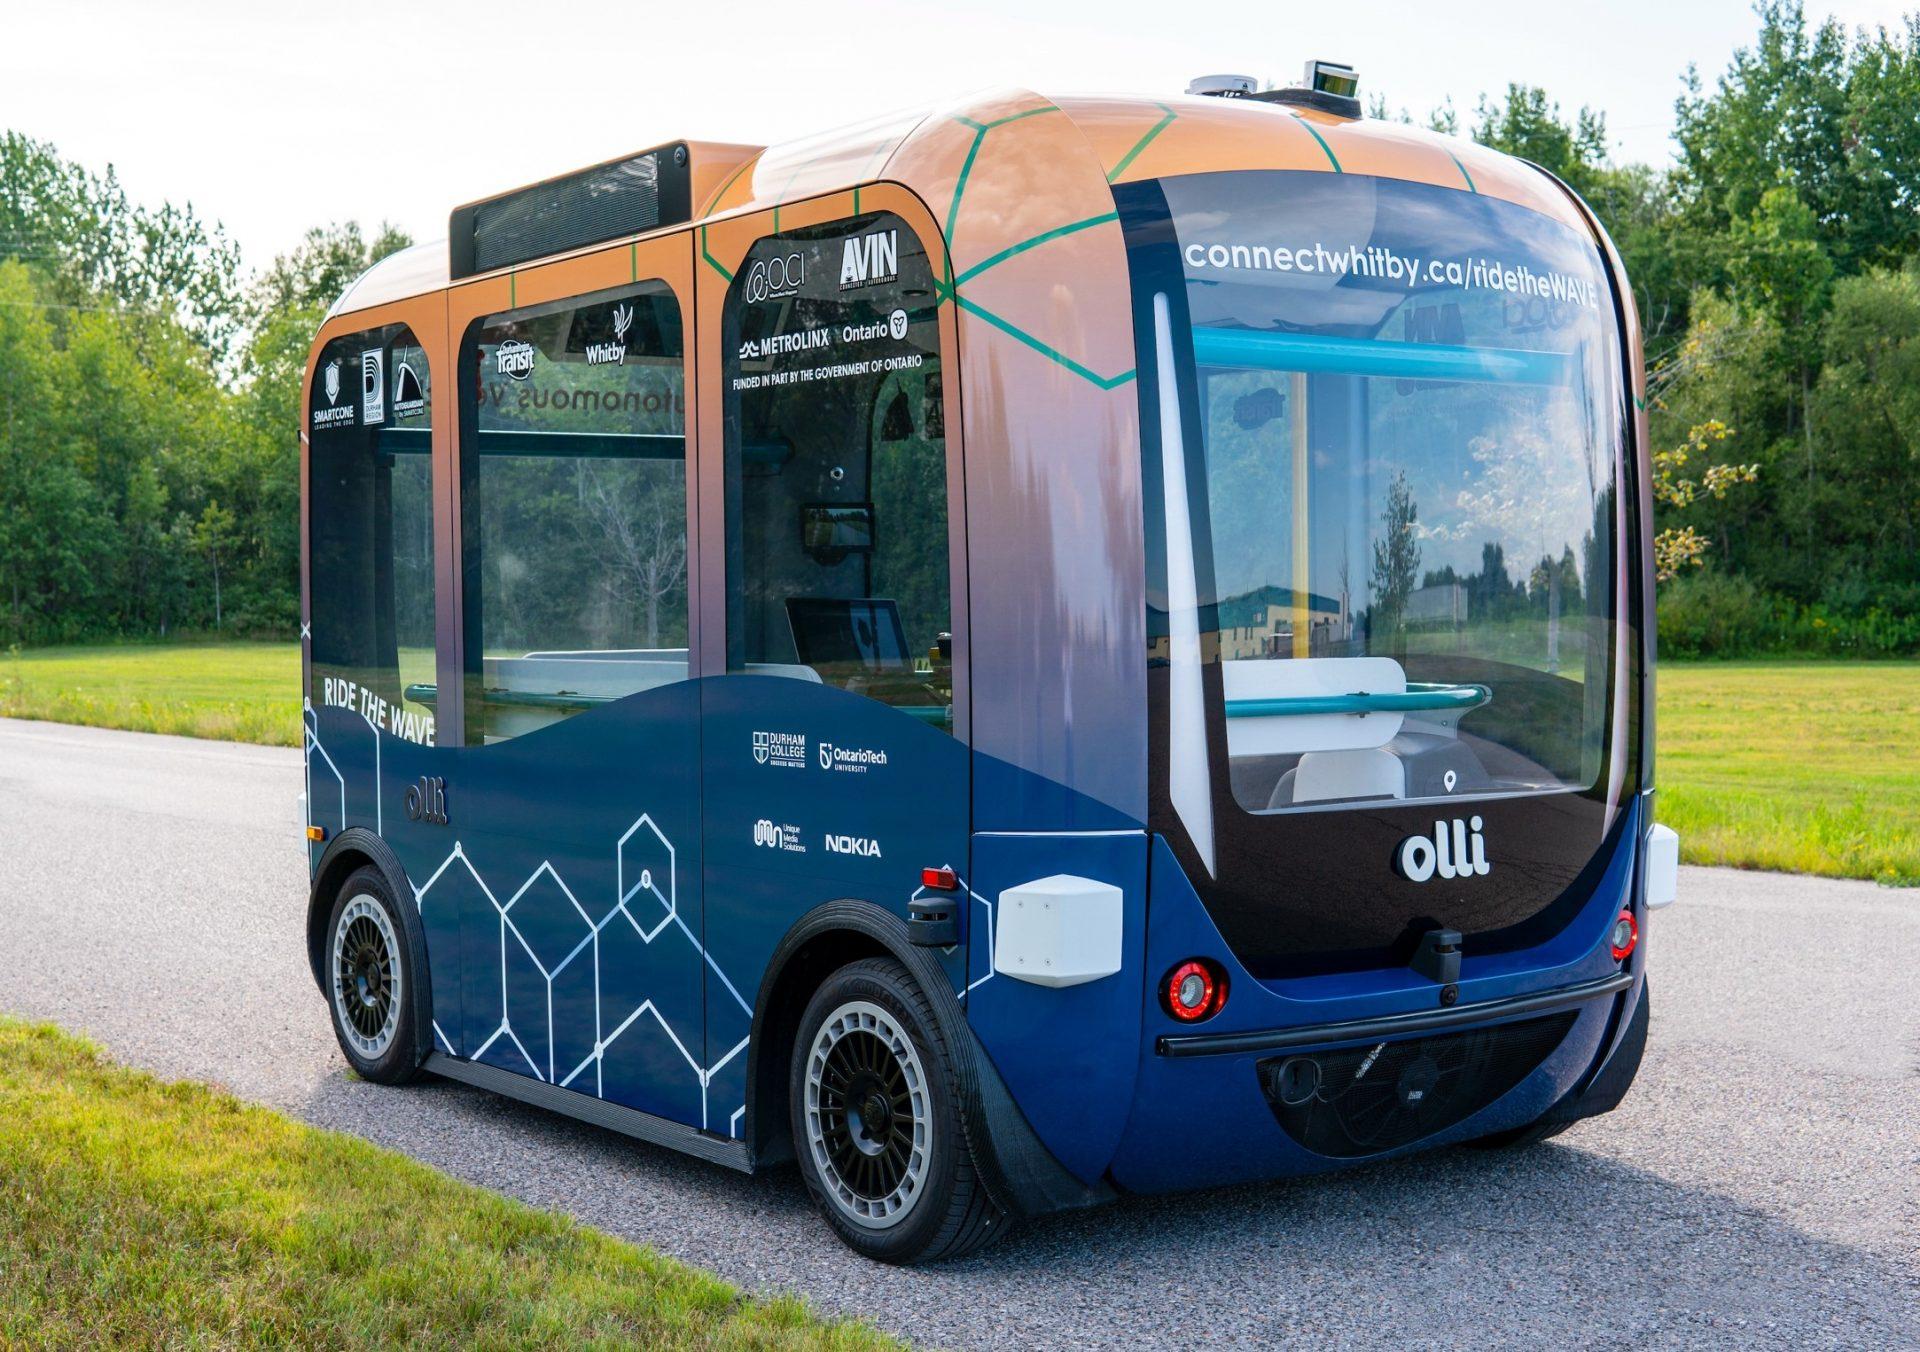 gta durham self-driving shuttle bus